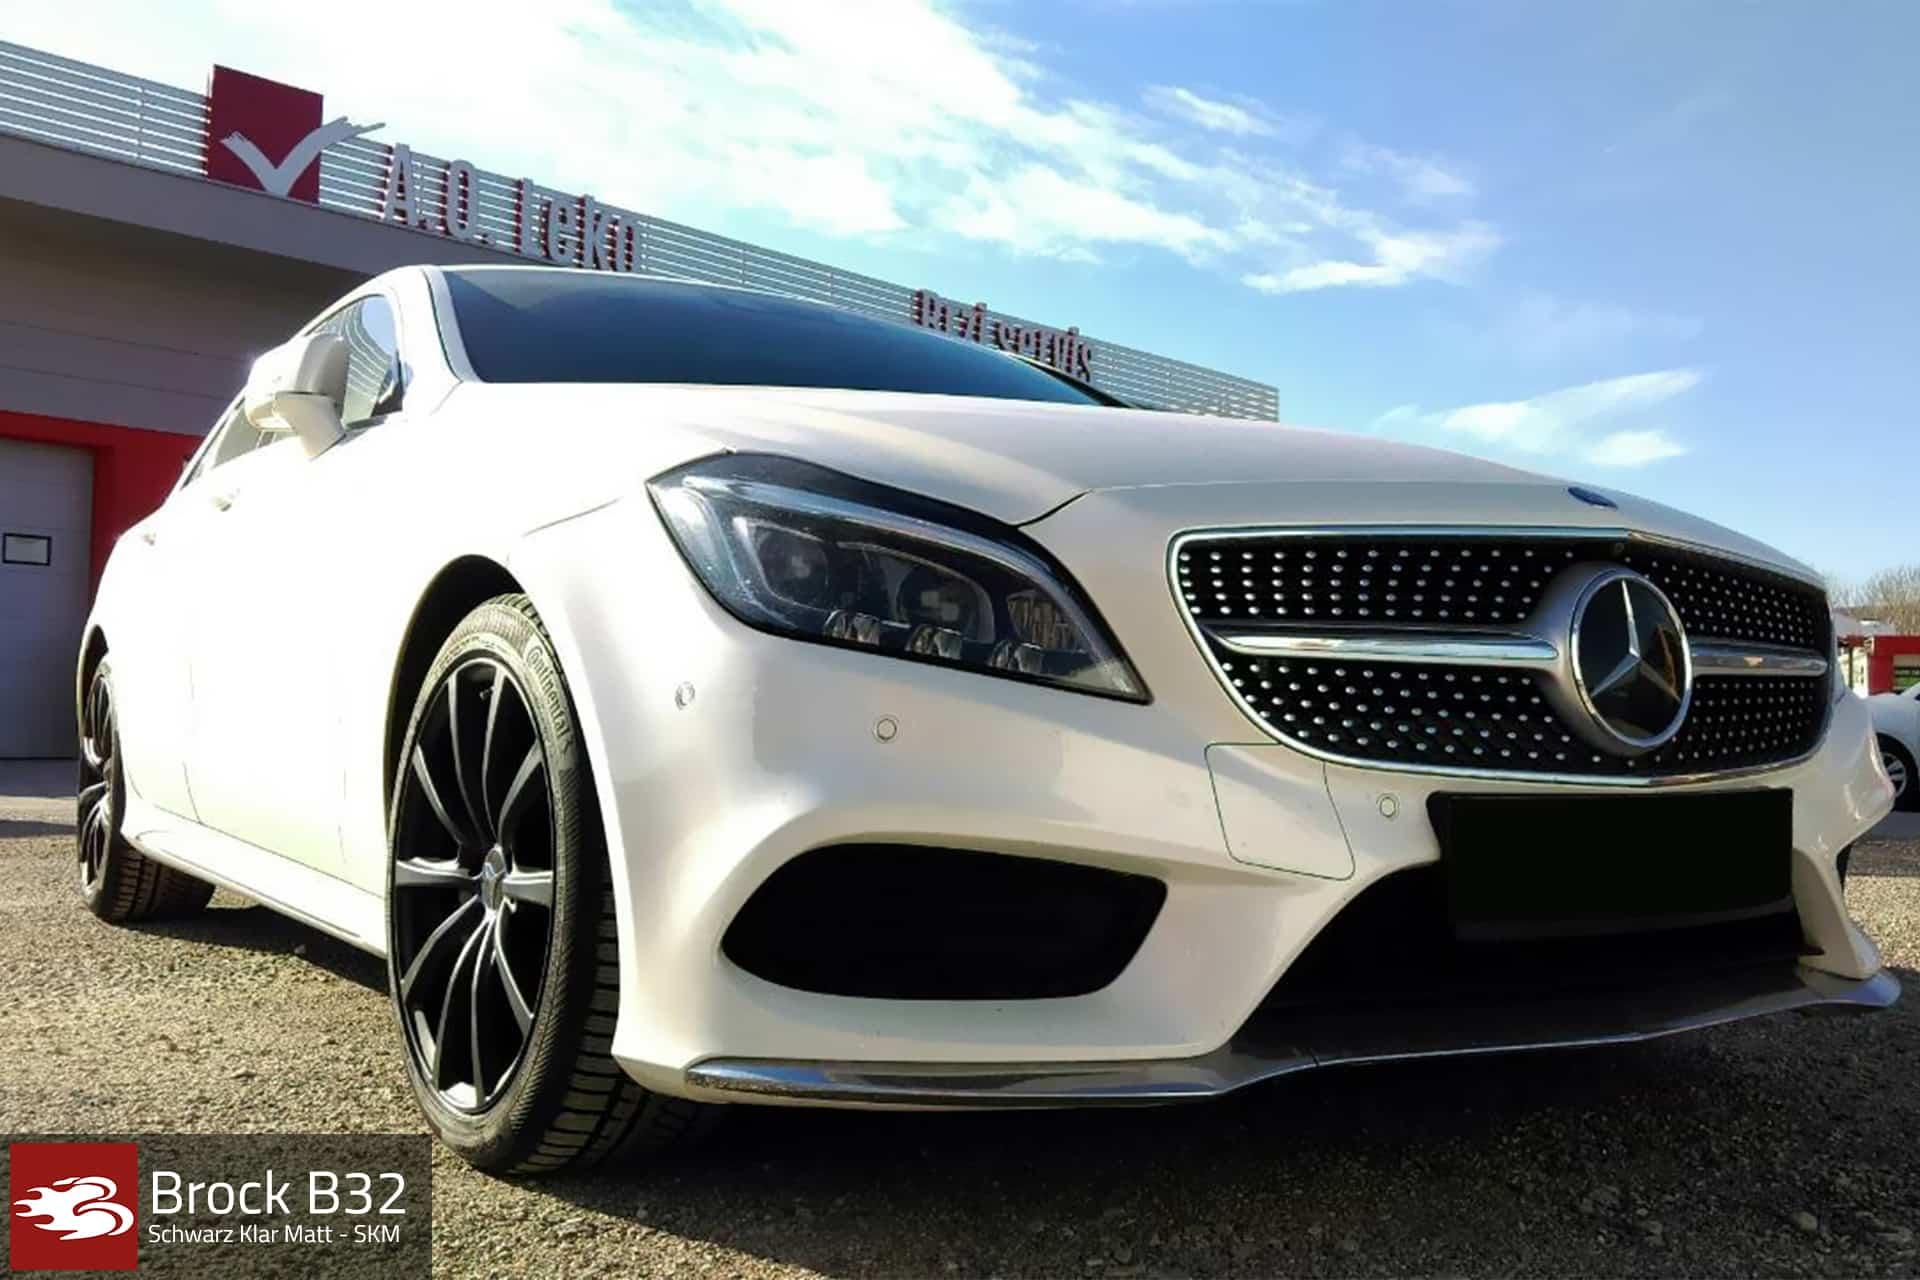 Mercedes Benz CLS W218 Brock B32 SKM